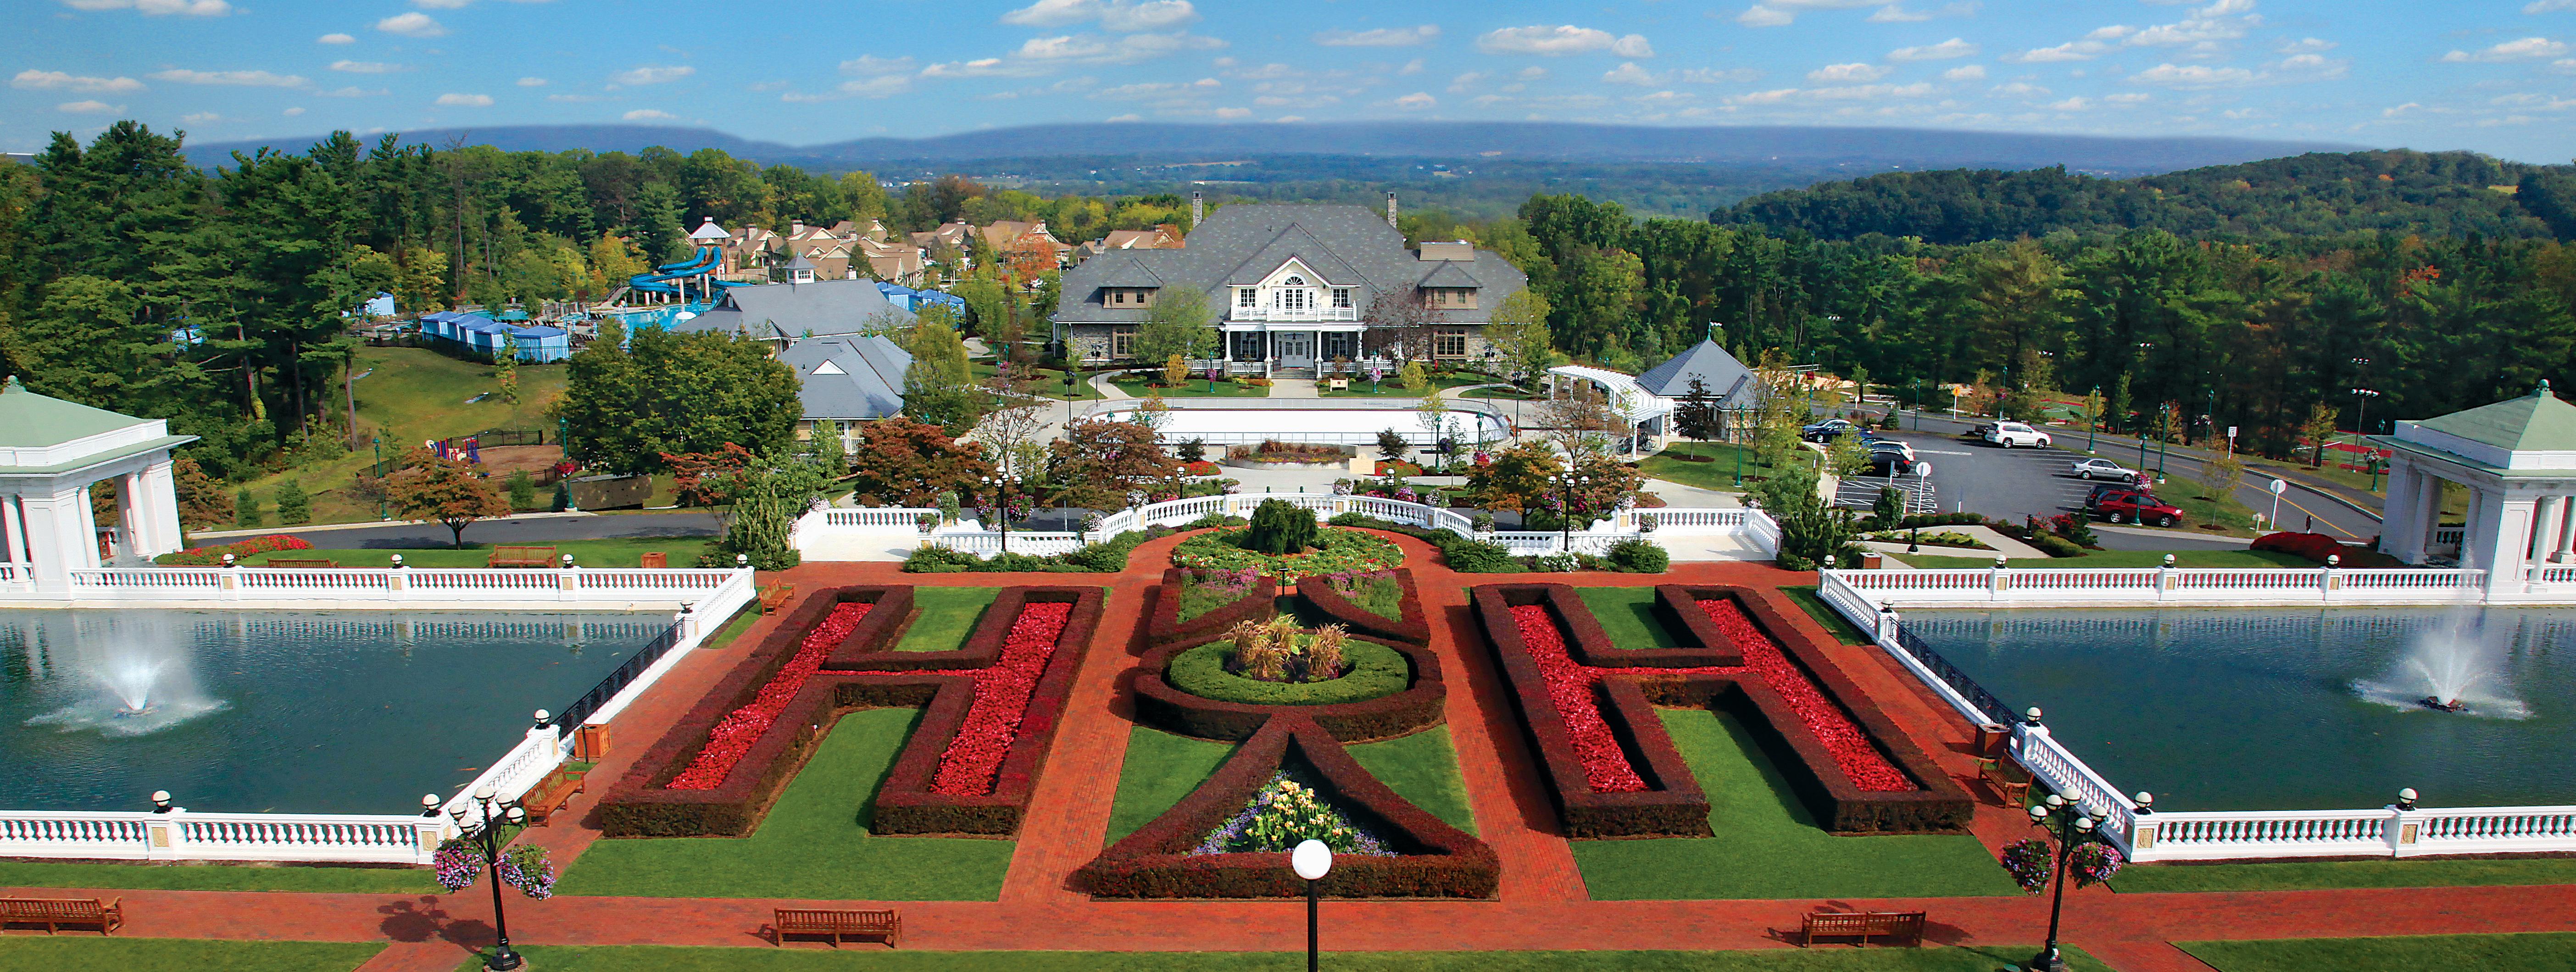 Hotels In Hershey Near Hersheypark Visit Hershey Harrisburg